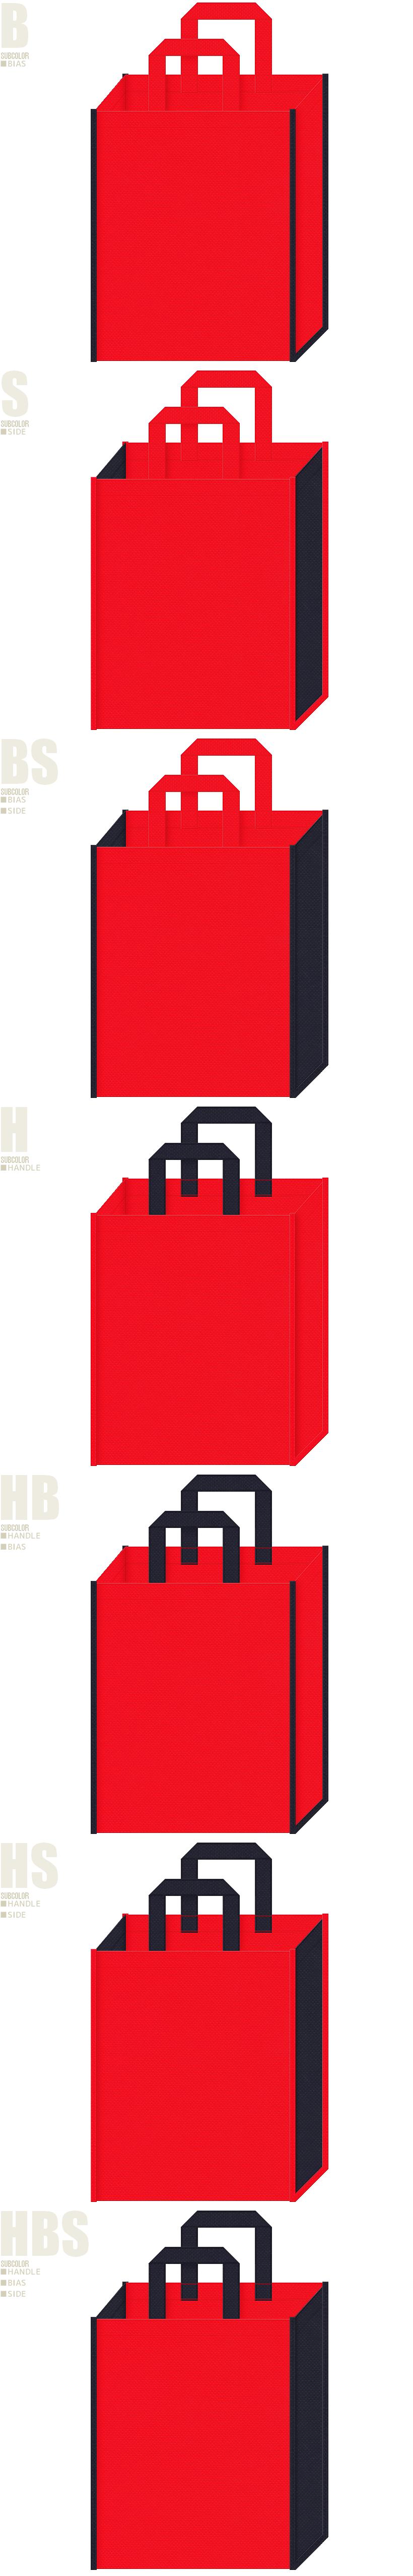 アリーナ・ユニフォーム・シューズ・アウトドア・スポーツイベント・国旗・イギリス・アメリカ・フランス・語学教室・レッスンバッグ・海外旅行・トラベルバッグにお奨めの不織布バッグデザイン:赤色と濃紺色の配色7パターン